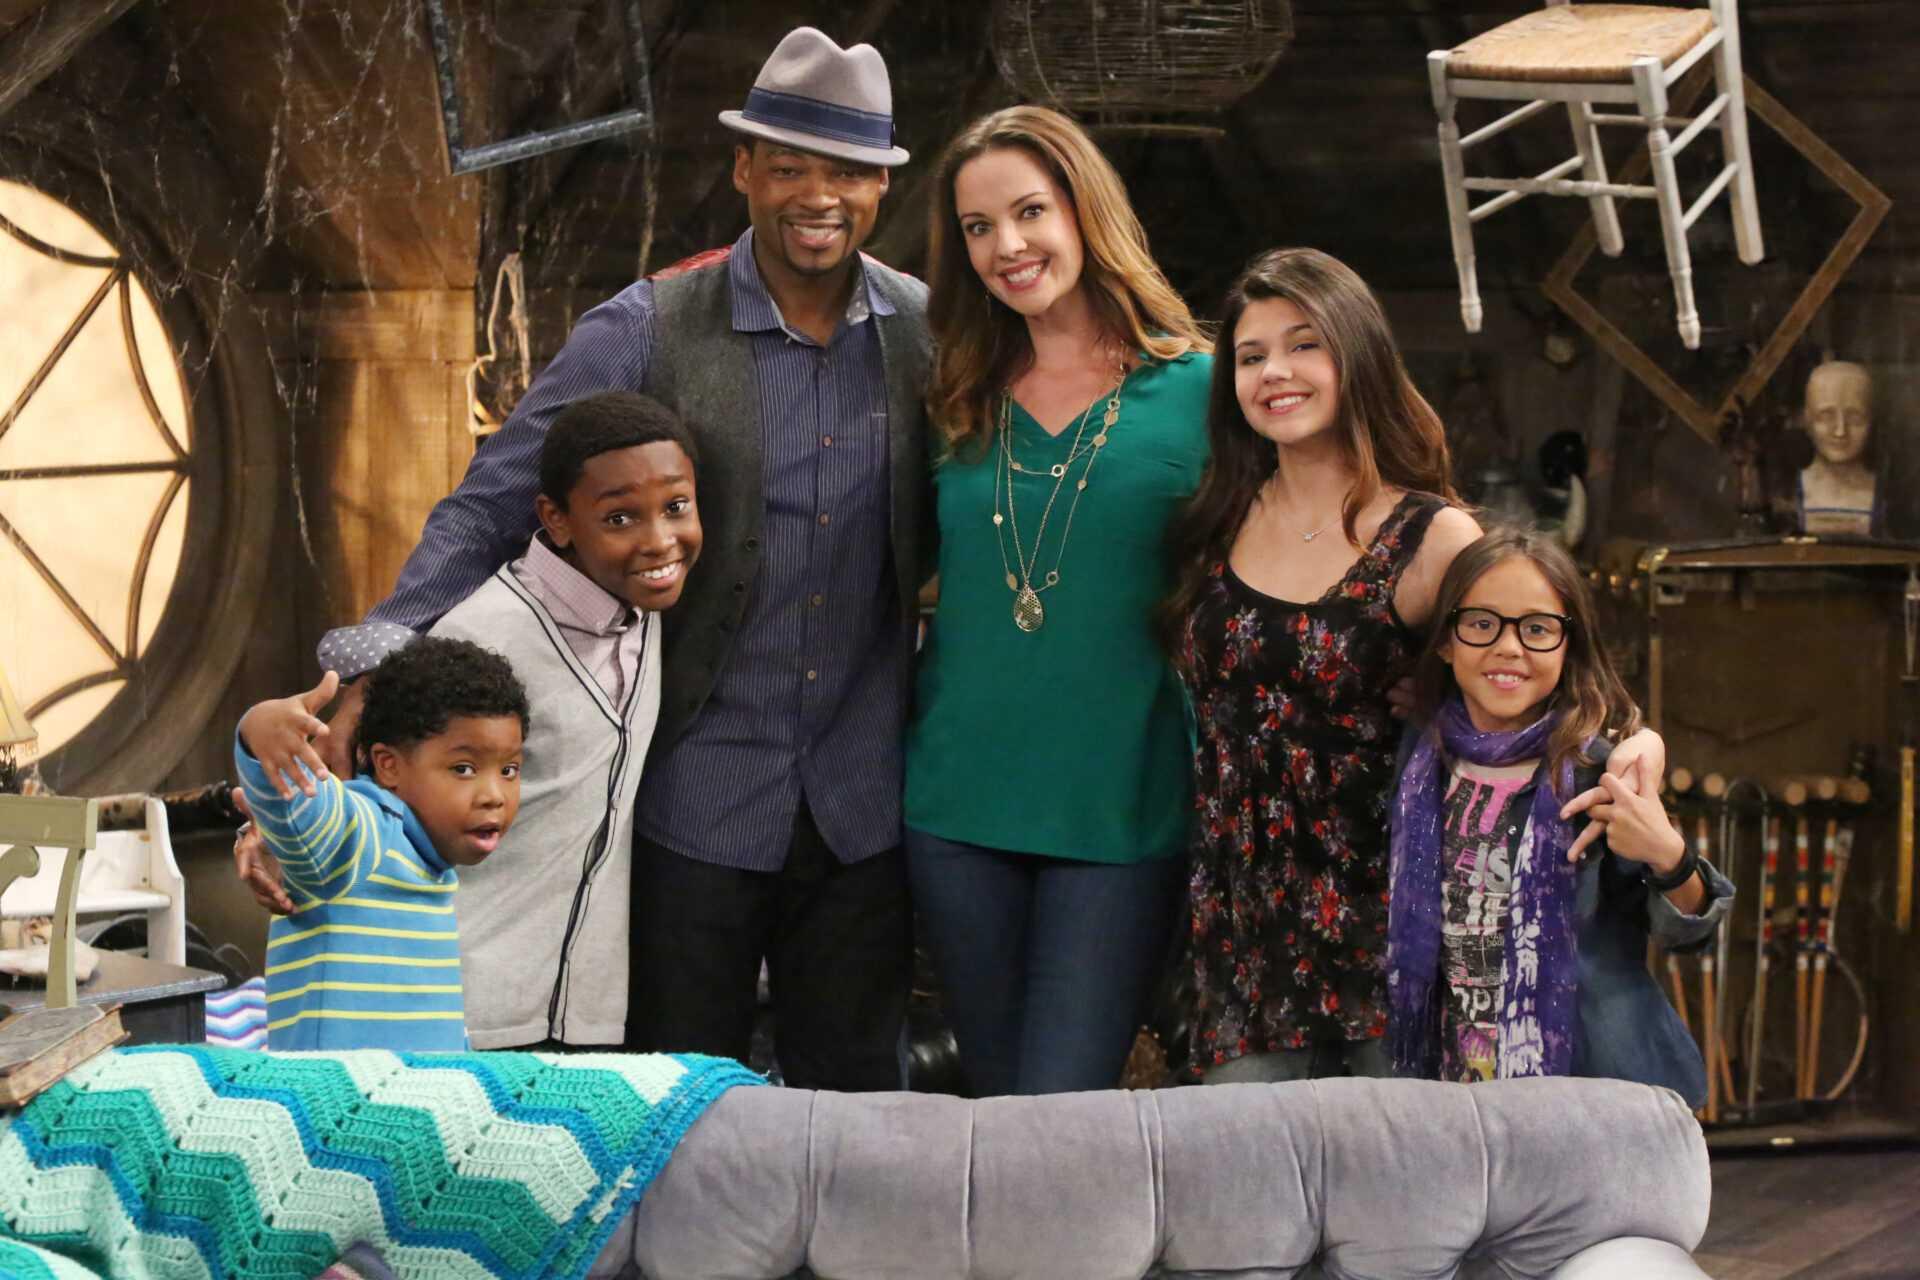 I nuovi episodi di Casa Hathaway dal 10 Marzo su Nickelodeon | Digitale terrestre: Dtti.it